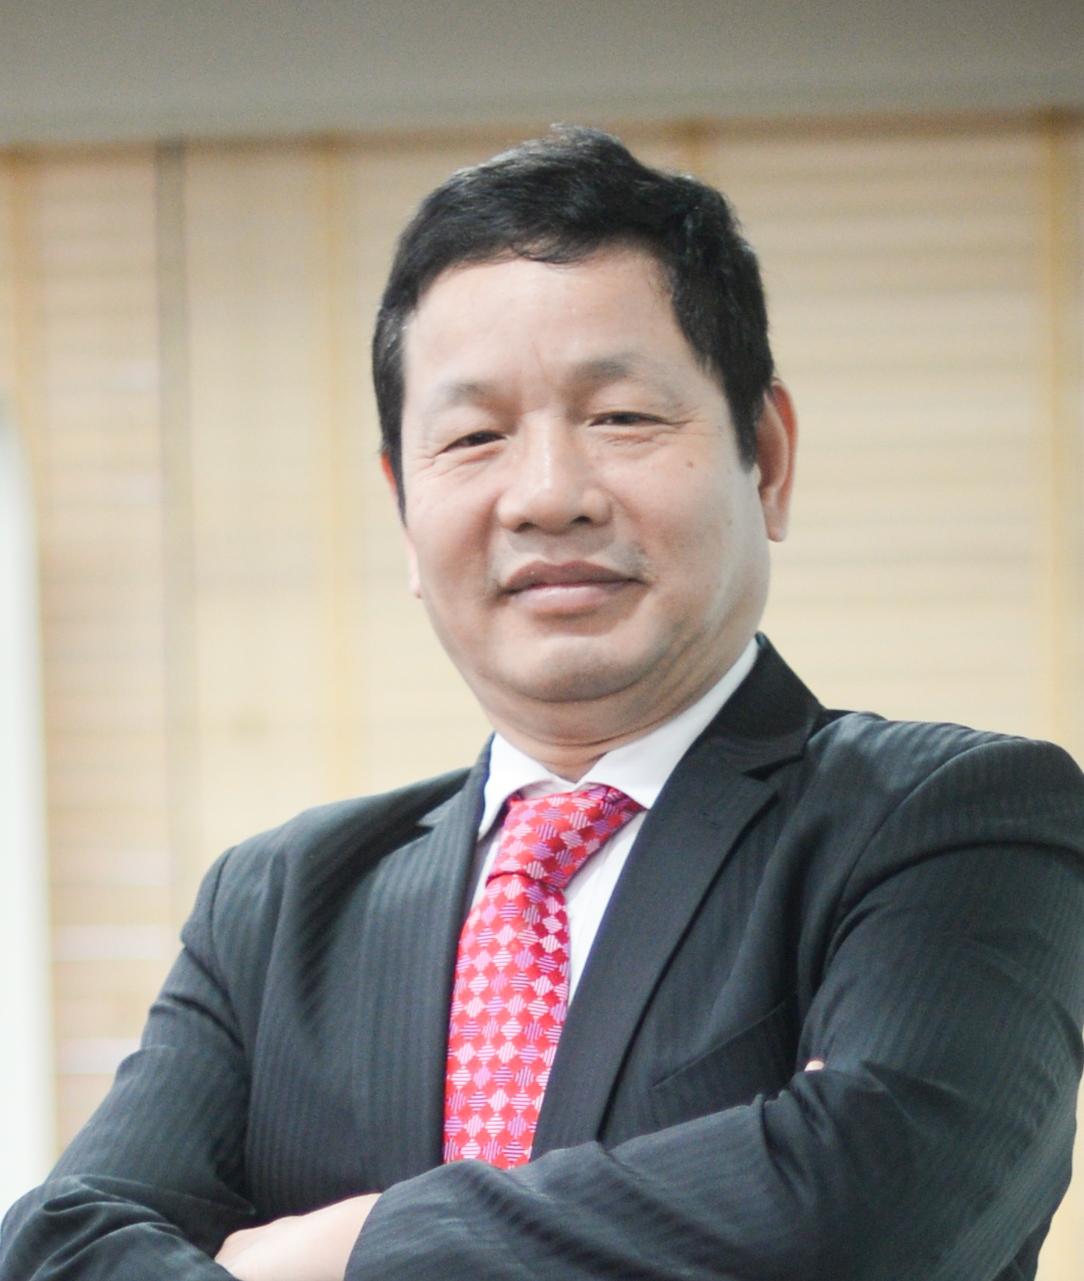 Ông Trương Gia Bình - Chủ tịch HĐQT FPT. Ảnh: BTC.